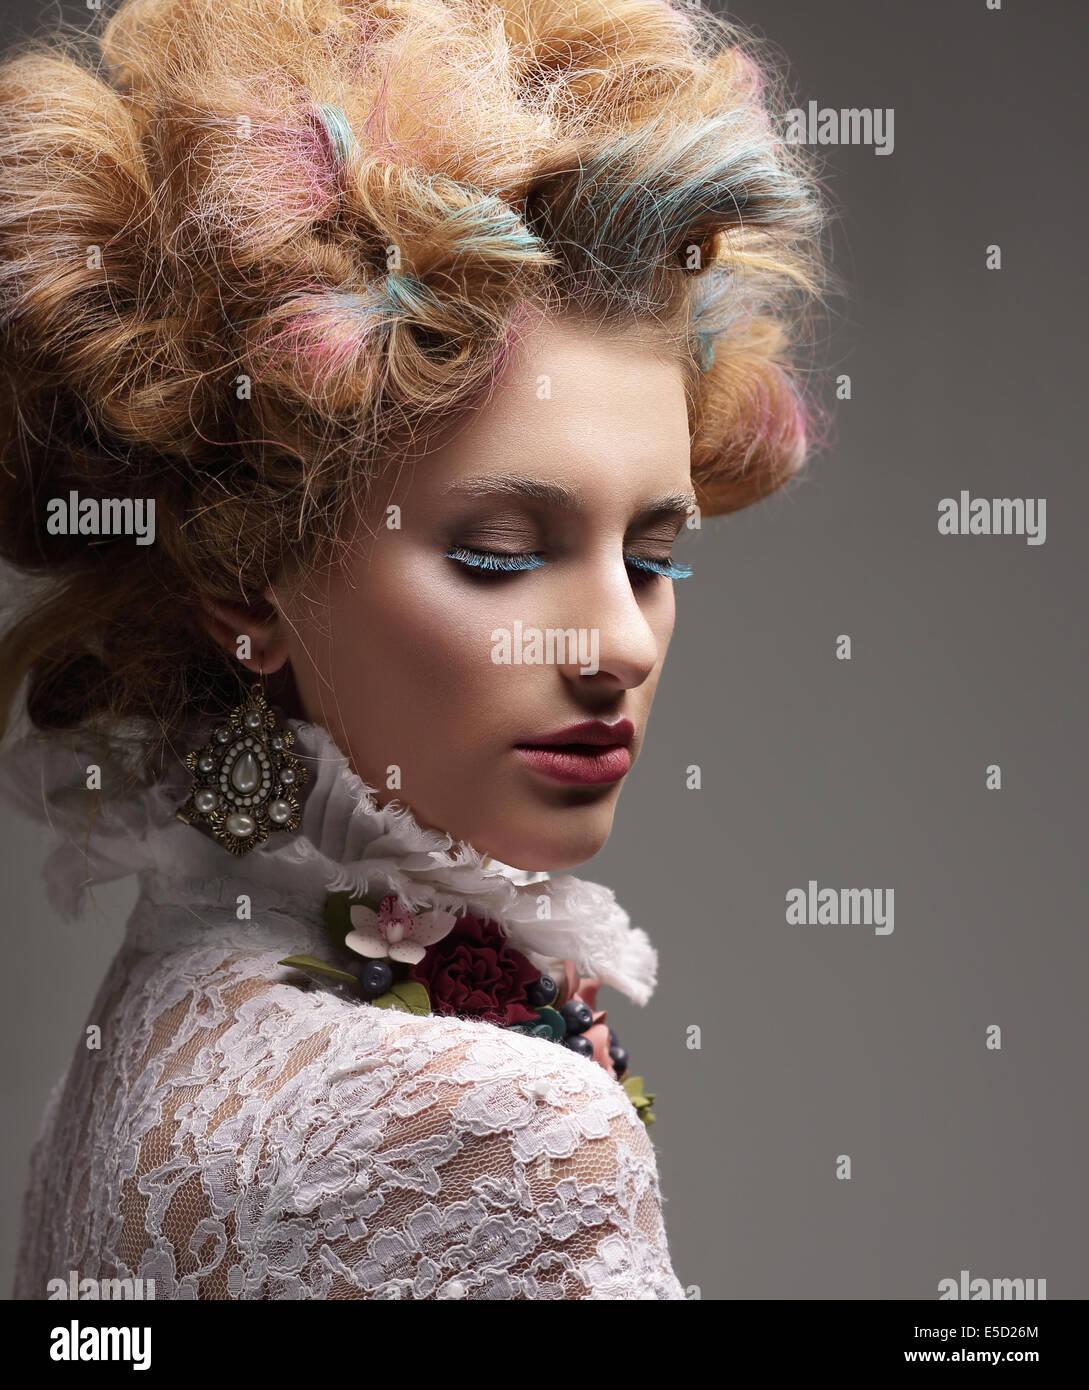 Inspiration. Mode-Modell mit bunt gefärbten Haaren Stockbild